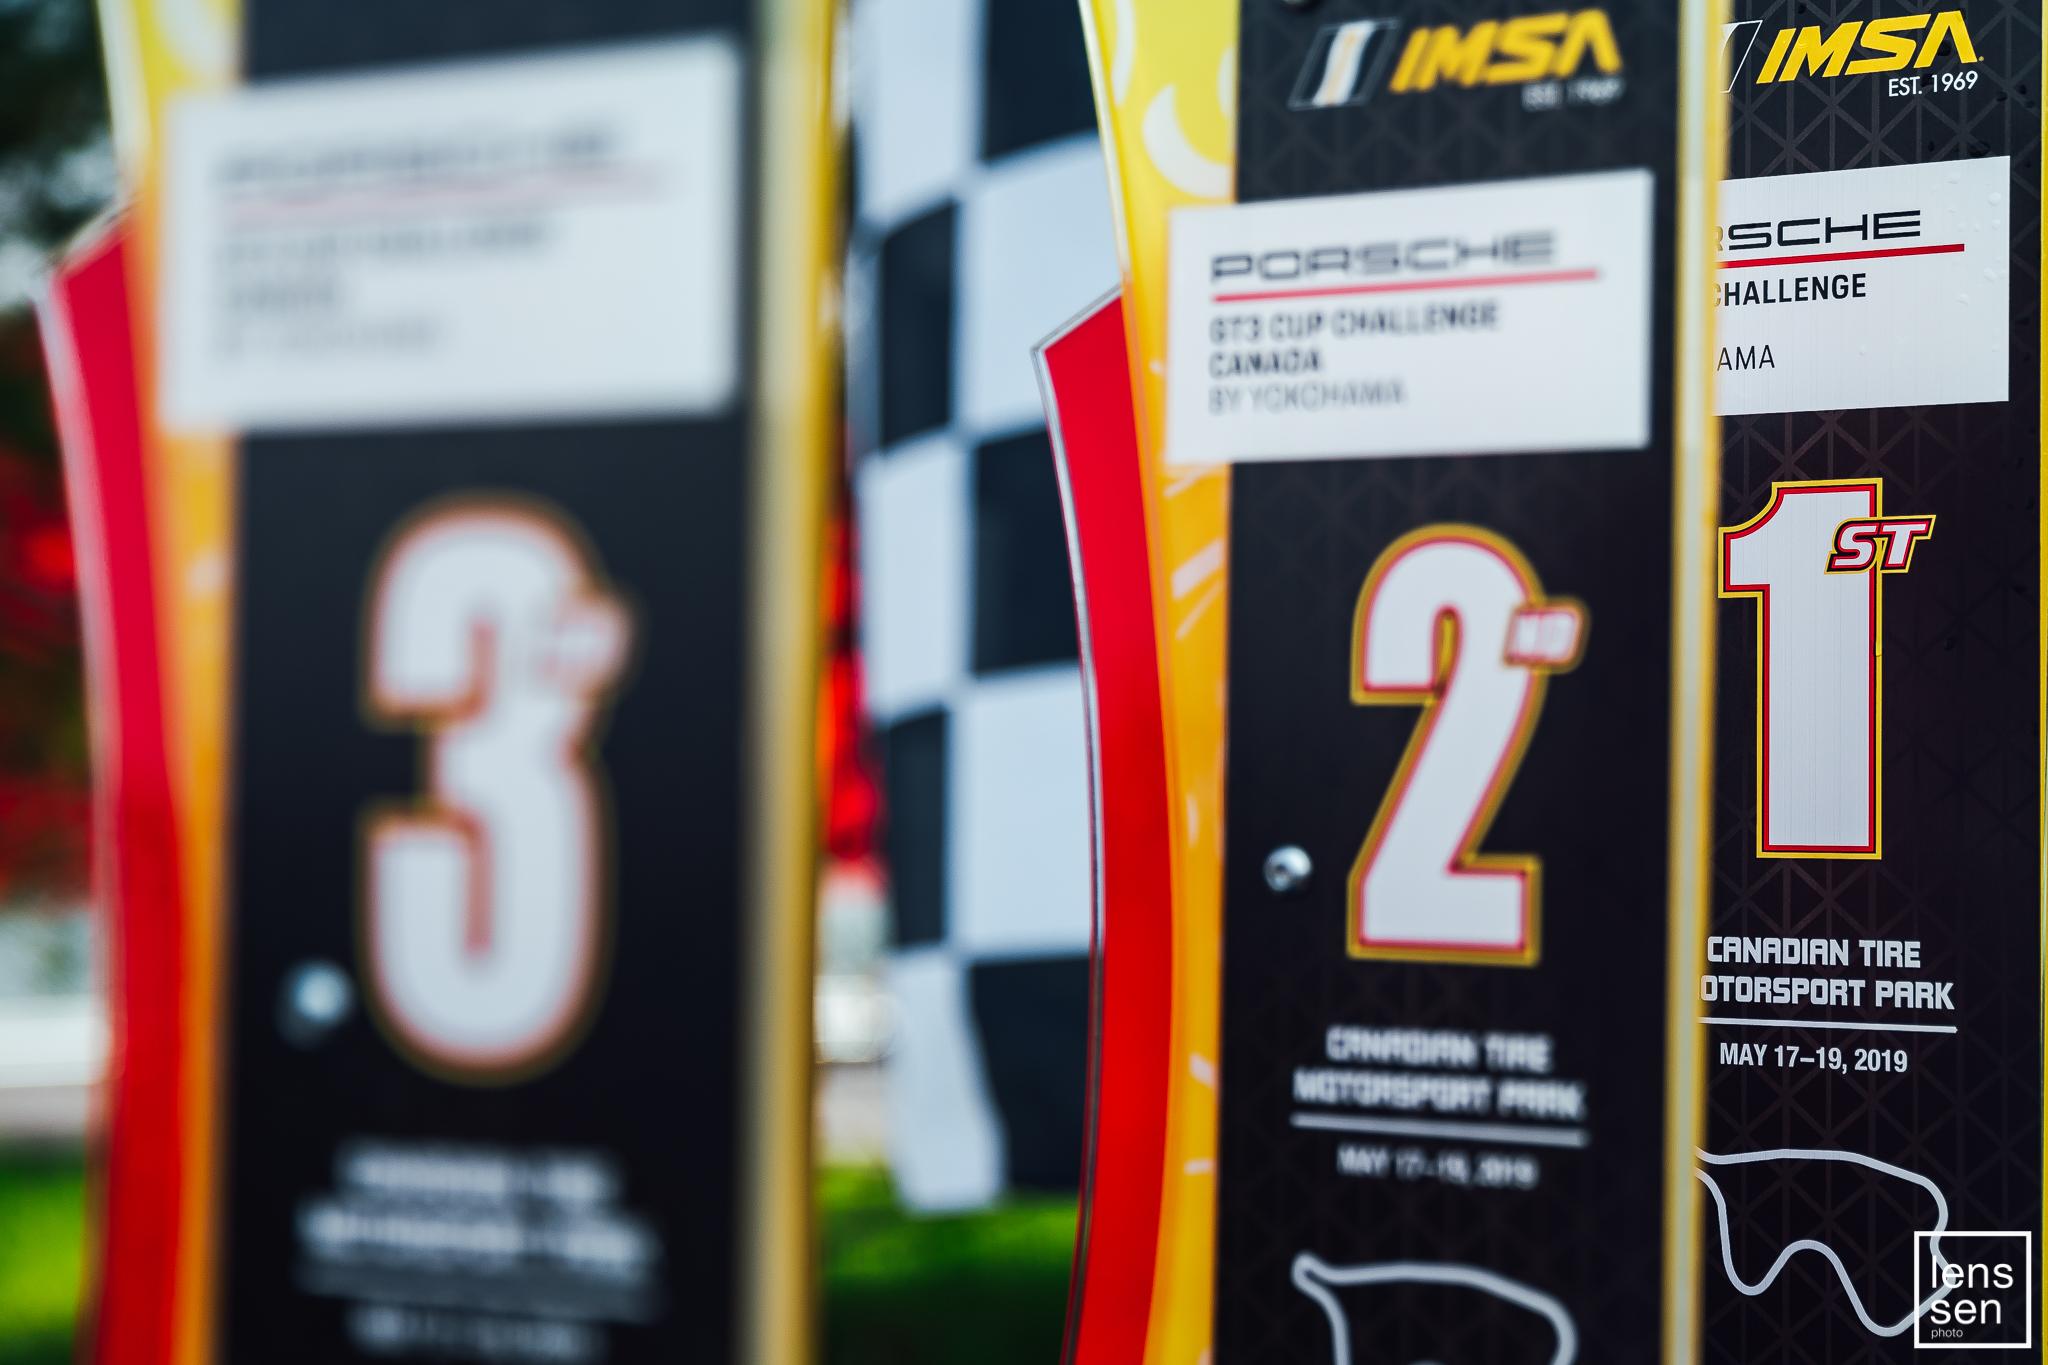 Porsche GT3 Cup Challenge Canada - 052019 - CTMP Mosport VDS 2019 - Lenssen Photo - 256 -0532.jpg